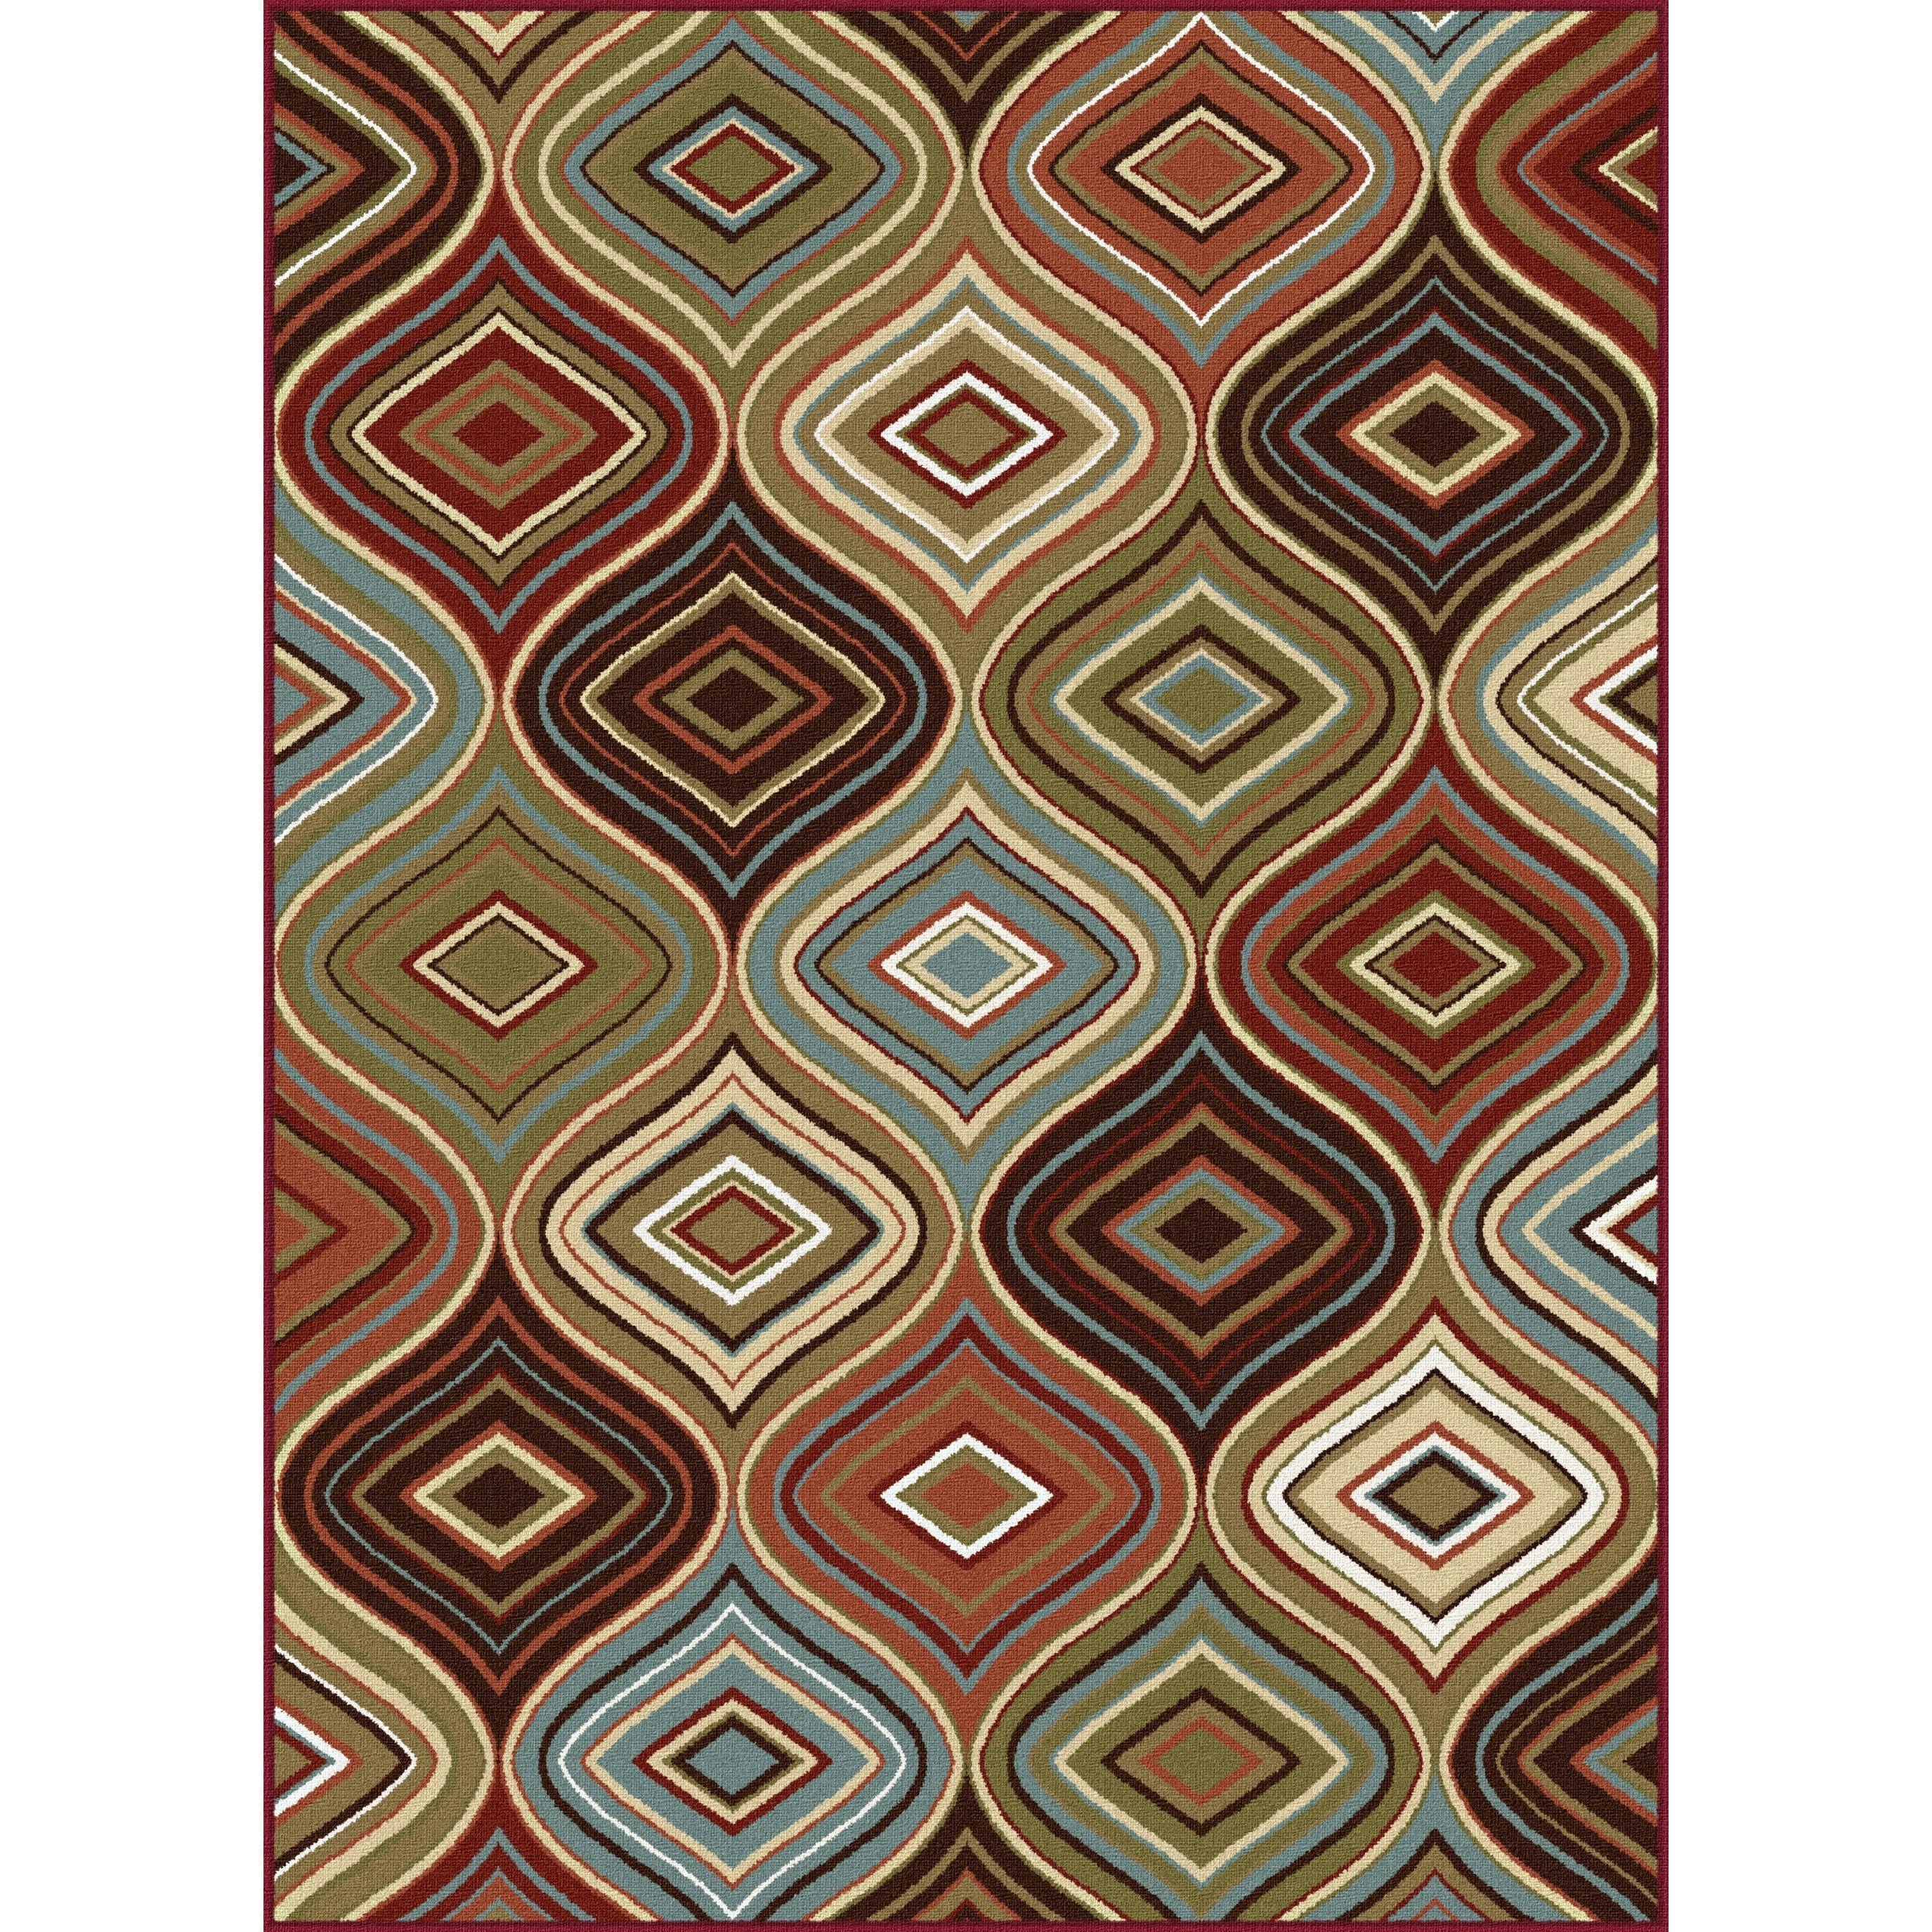 Alise Rugs Majolica Contemporary Multicolored Nylon Area Rug 9 3 X 12 6 Multi Size 13